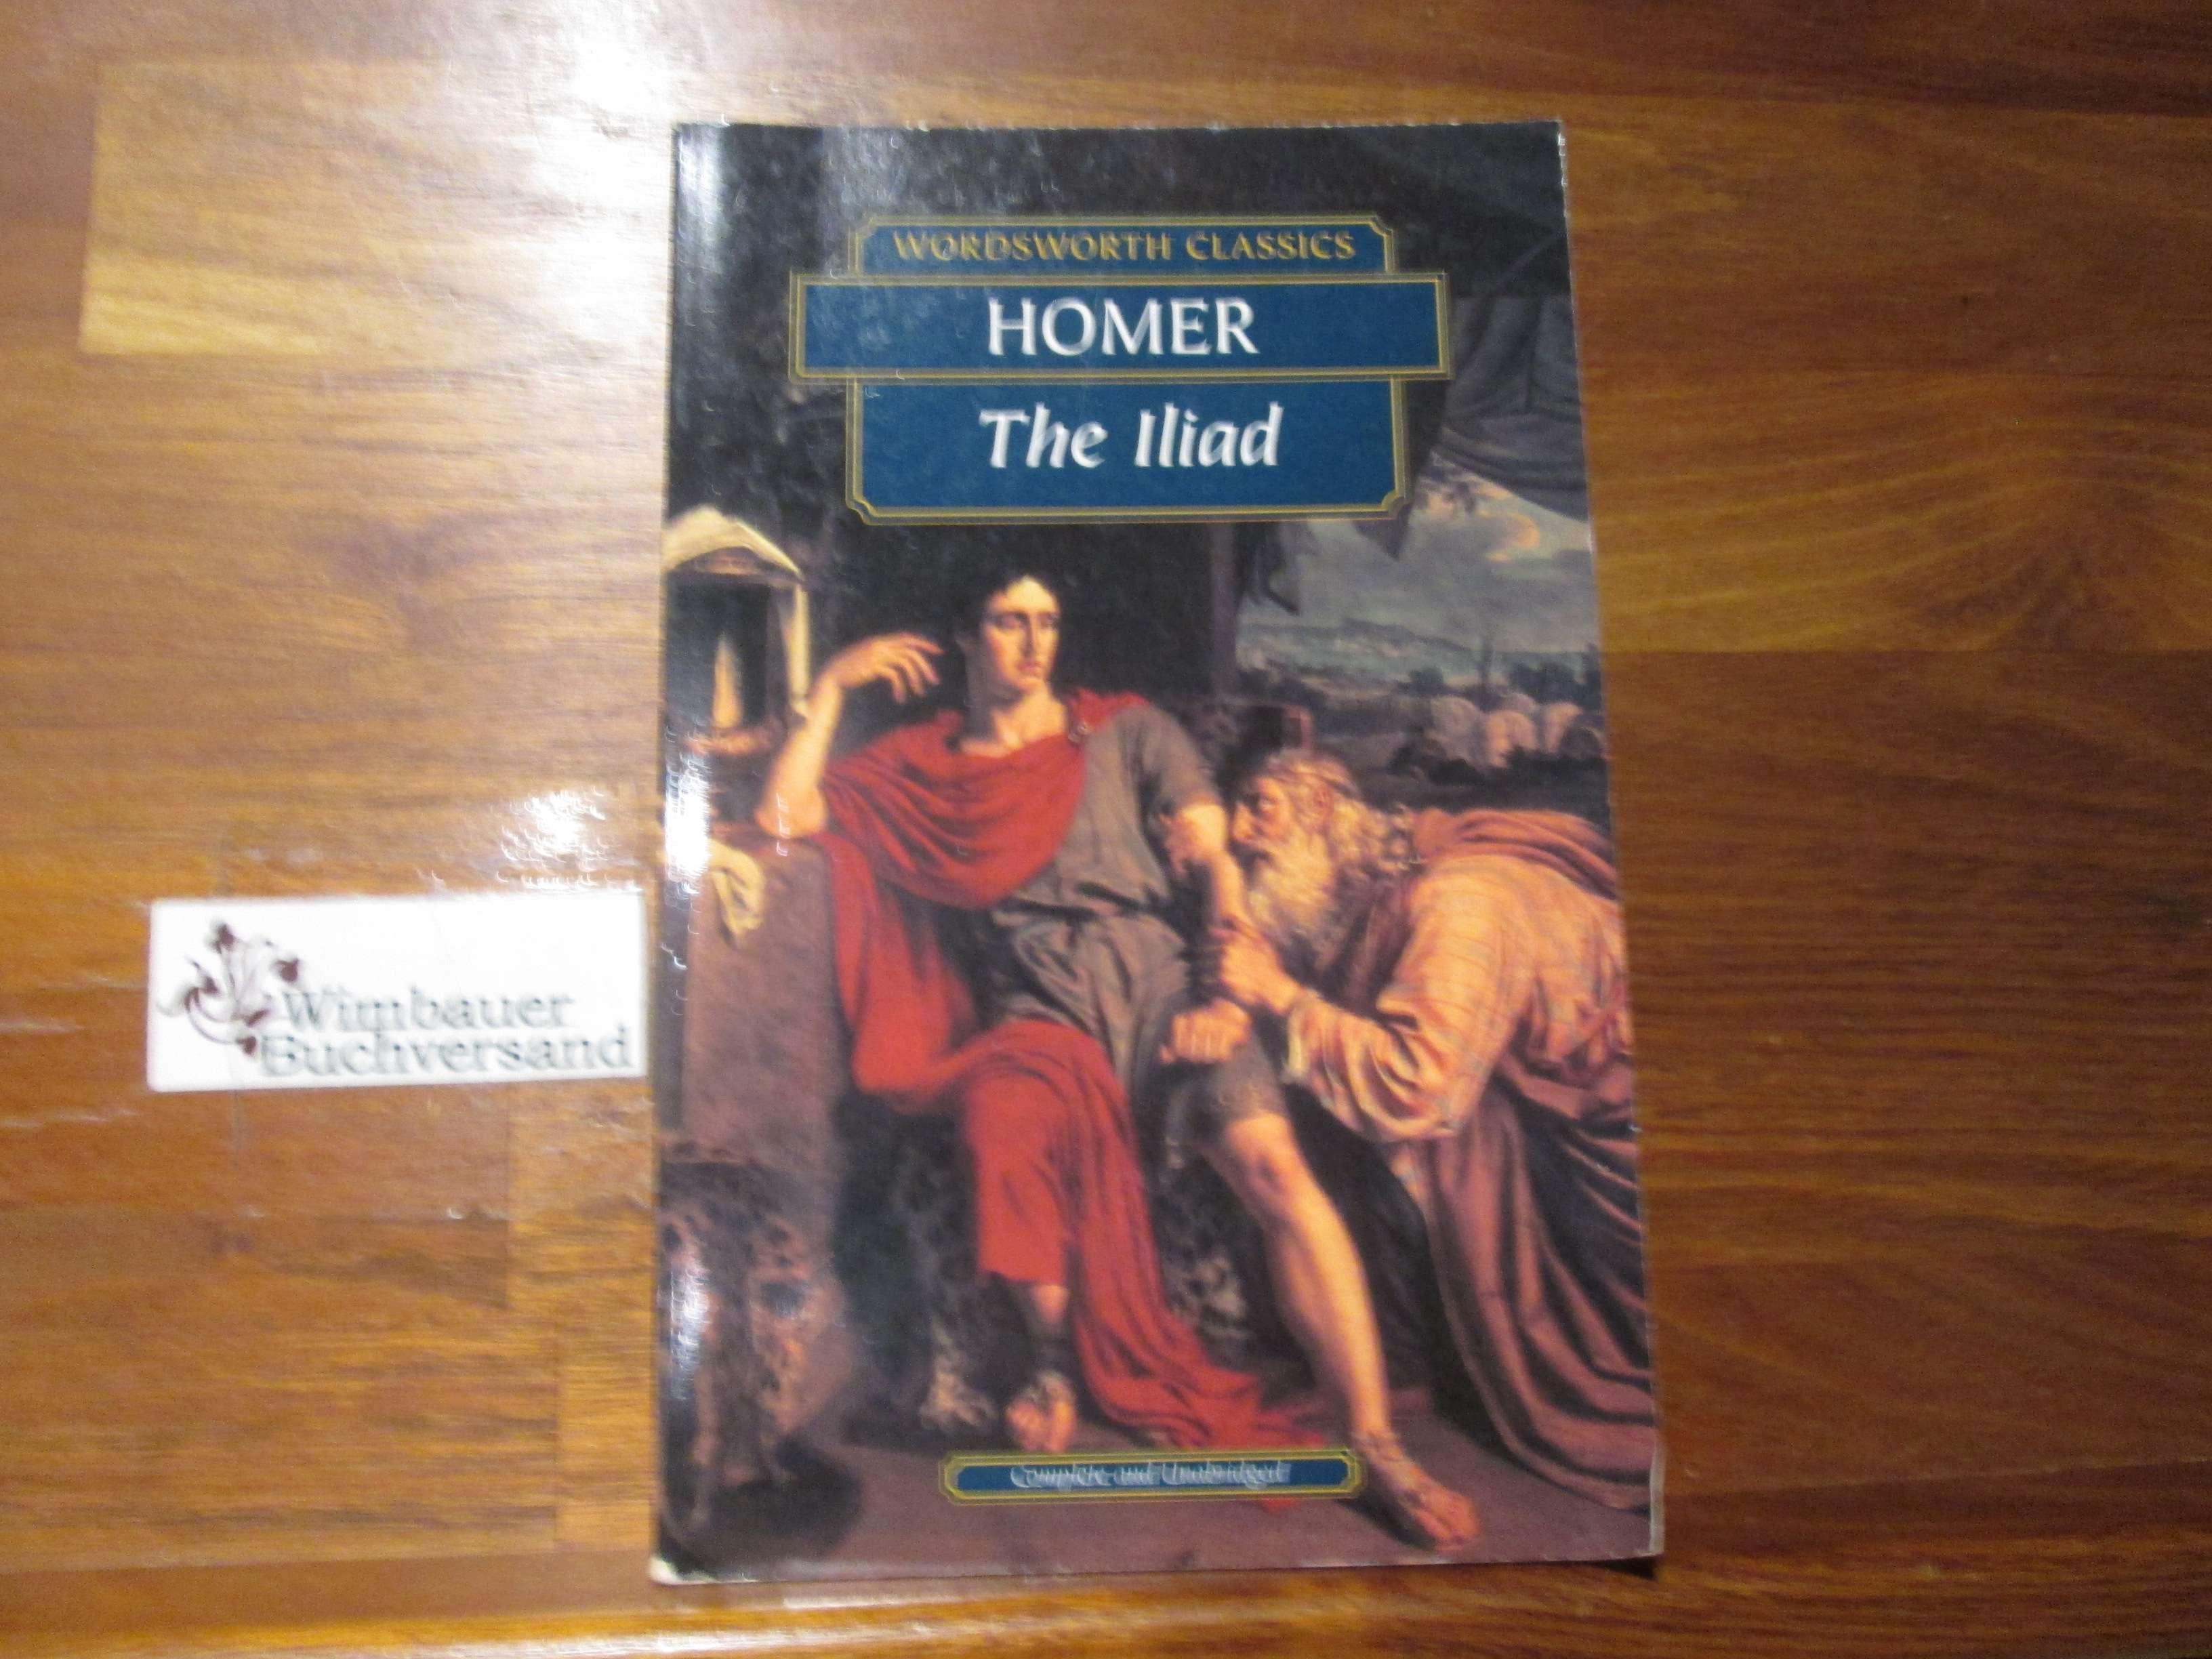 Iliad (Wadworth Collection) Auflage: Auflage: New edition